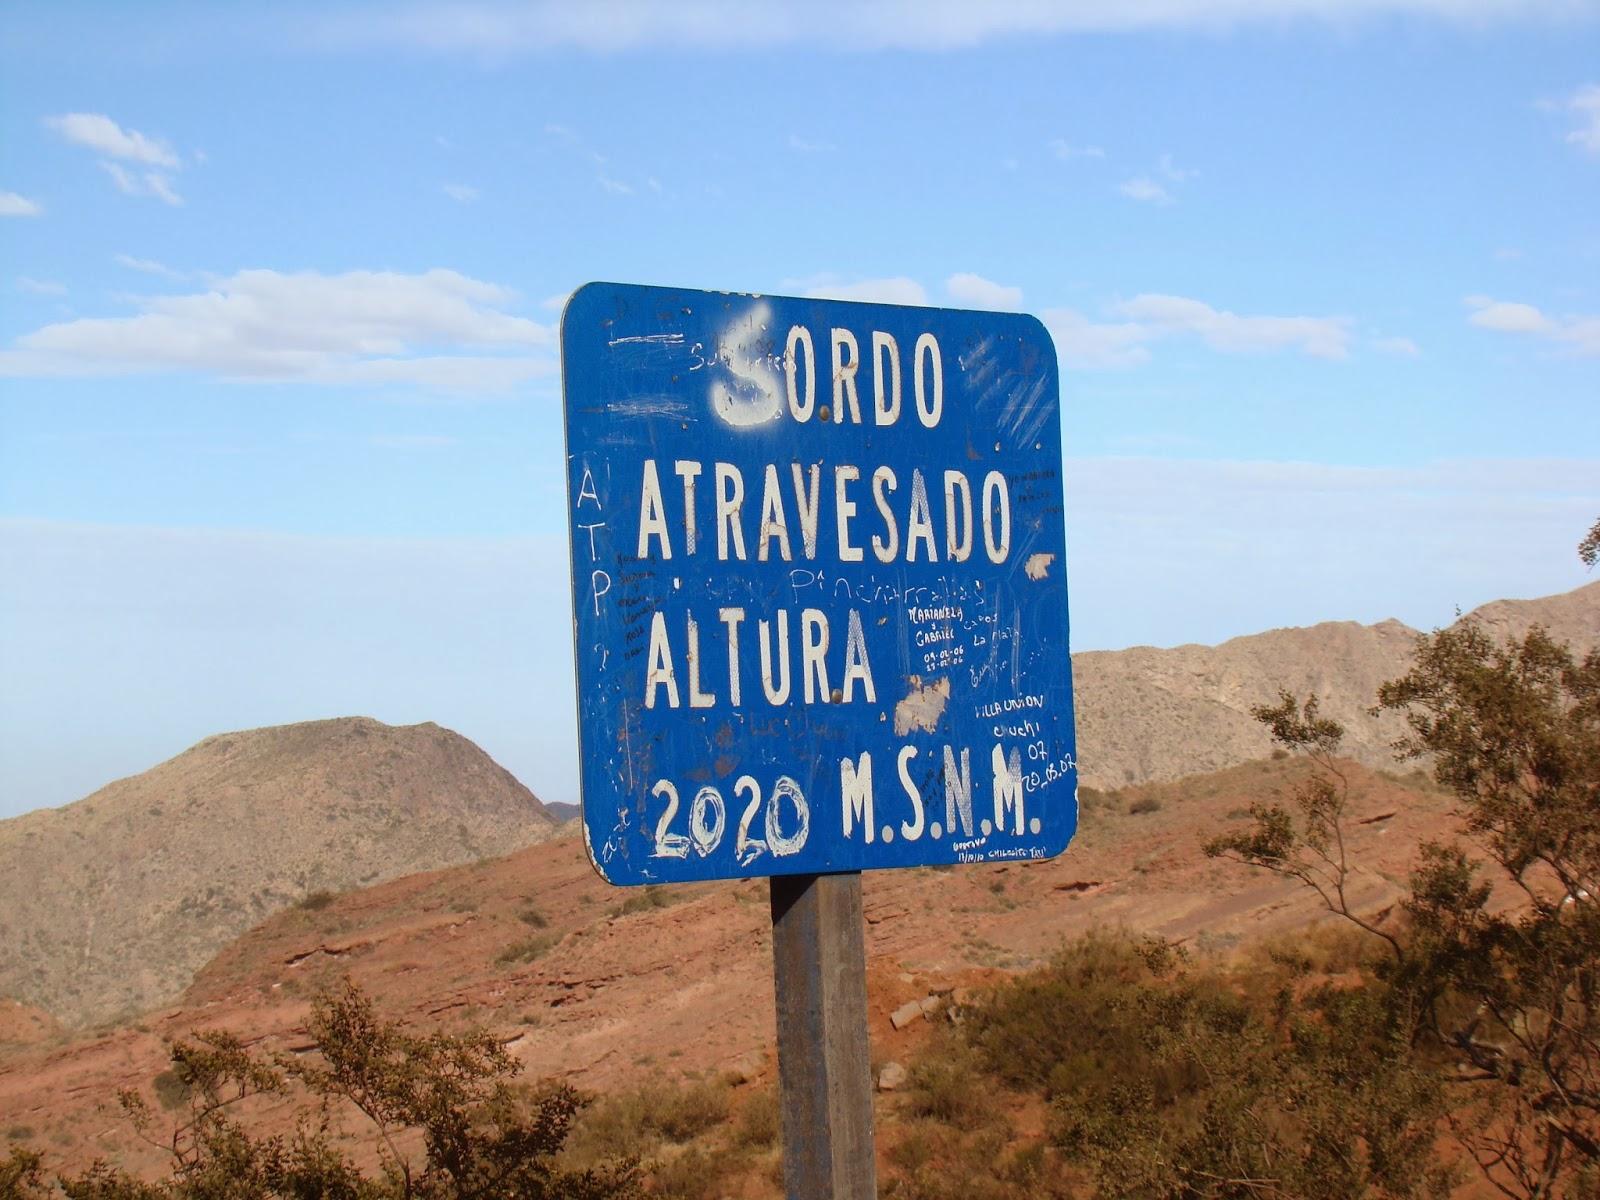 Sordo, Cuesta de Miranda, Argentina, Elisa N, Blog de Viajes, Lifestyle, Travel